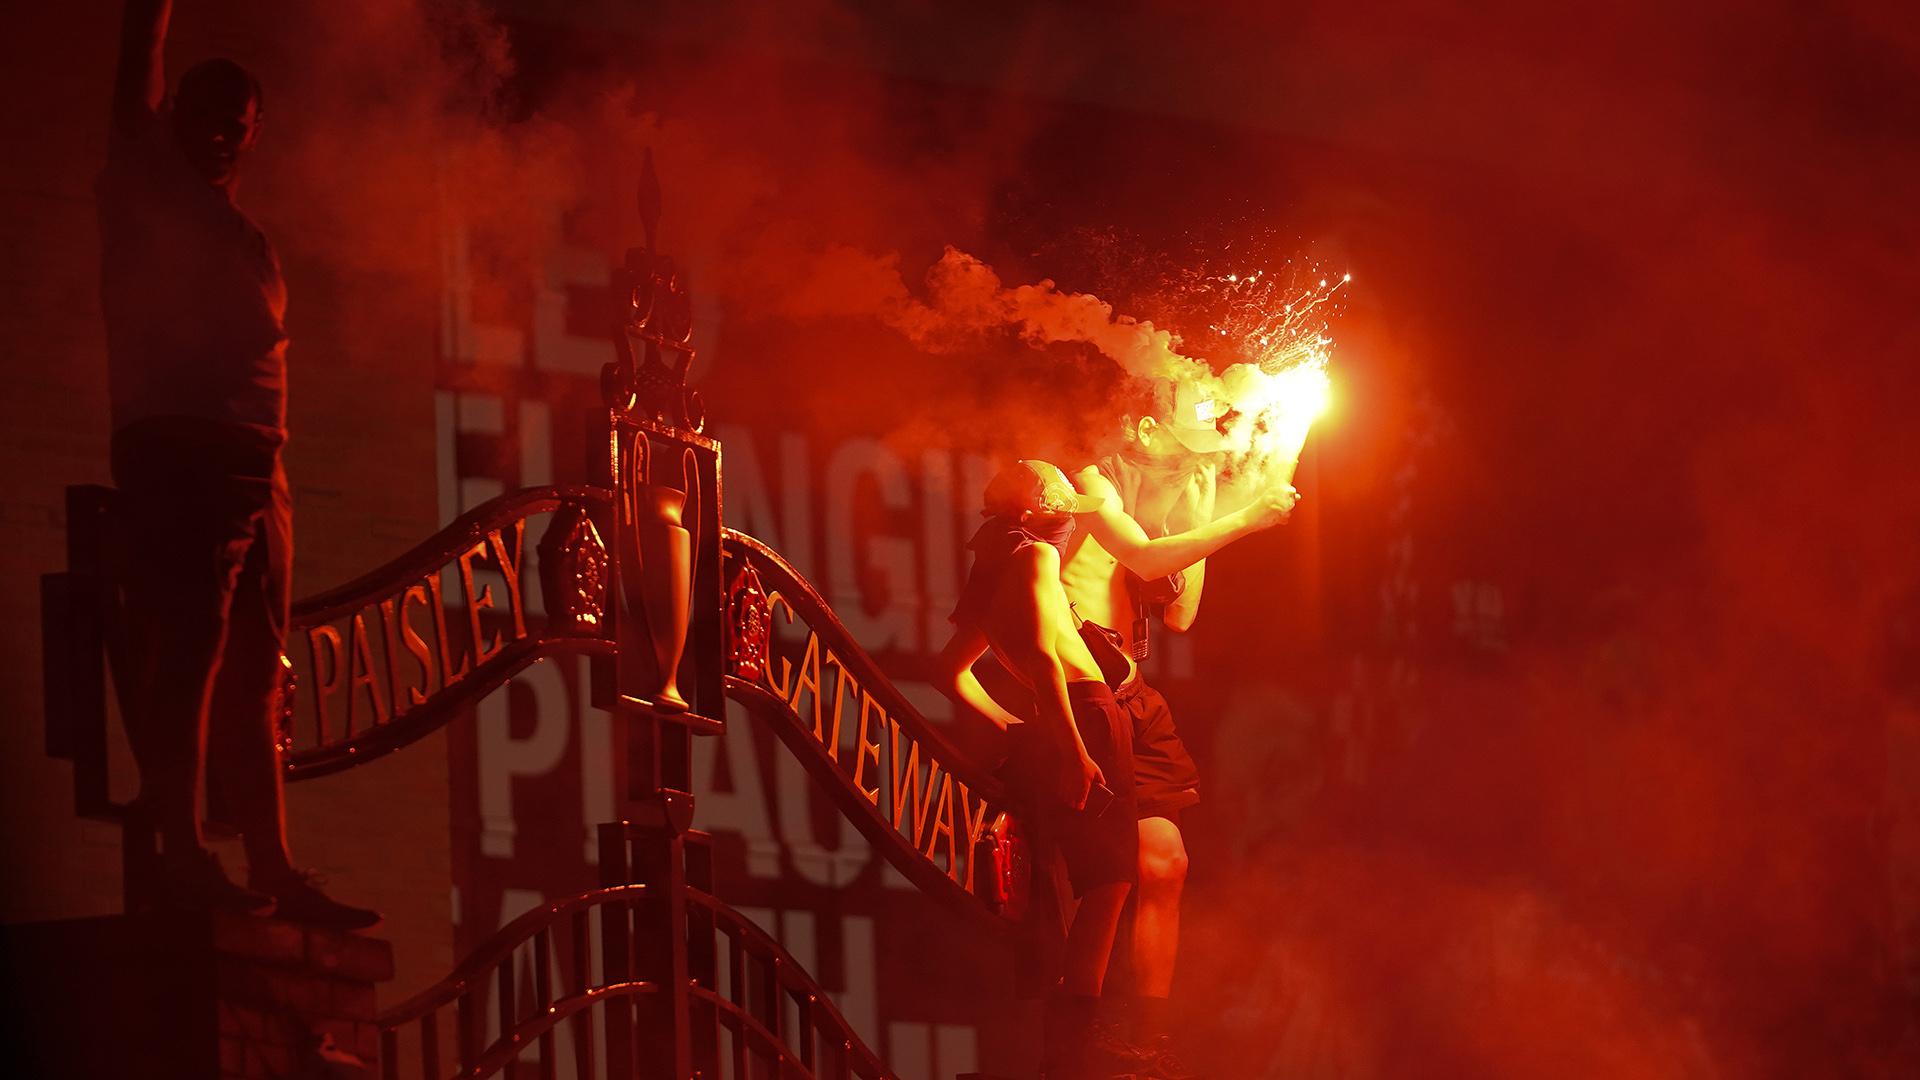 Les fans de Liverpool appelés à la prudence après les célébrations du titre